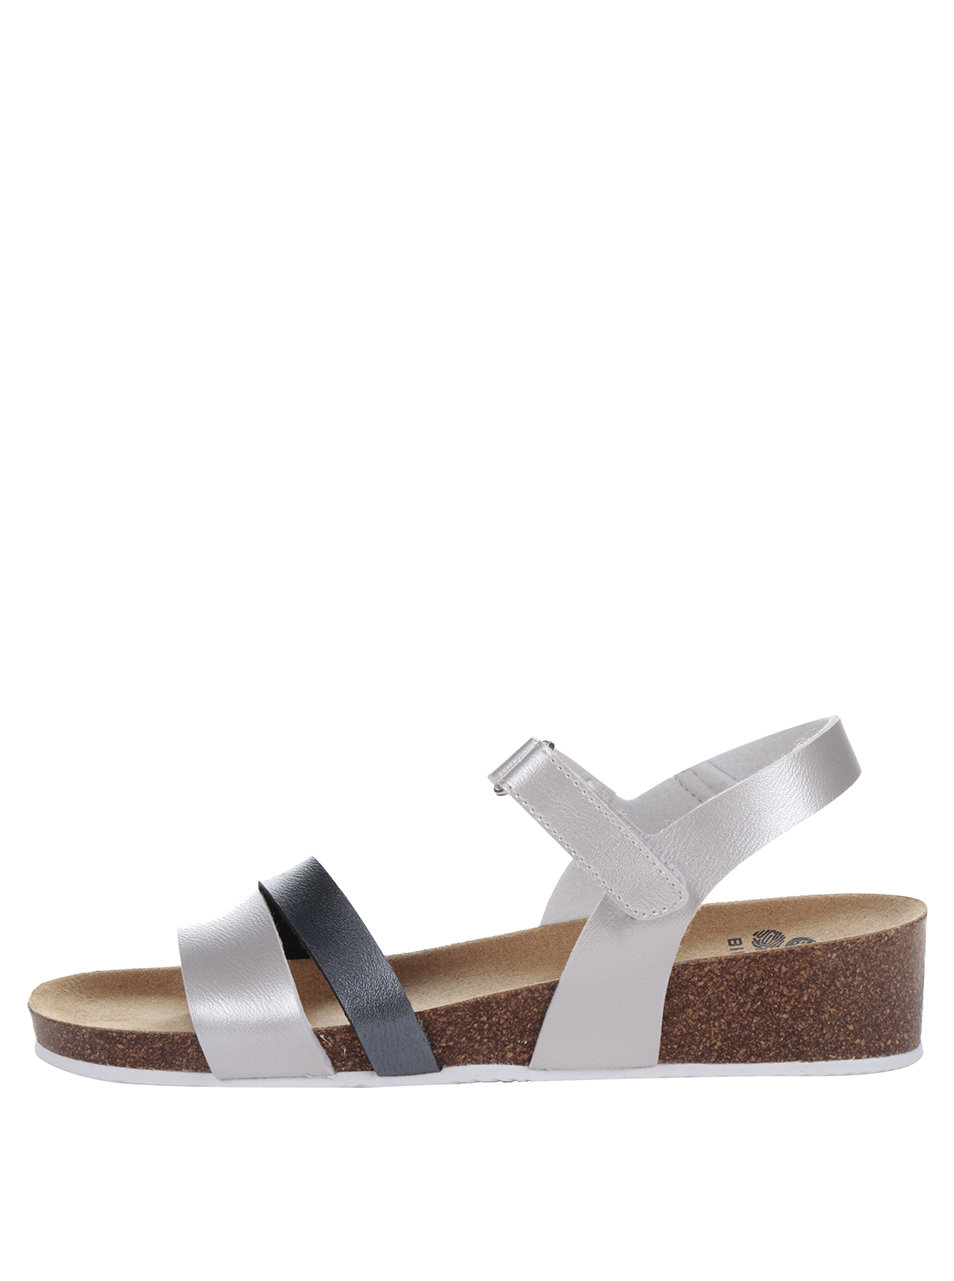 Šedé dámské zdravotní sandály Scholl Adalia ... d95797e7fe